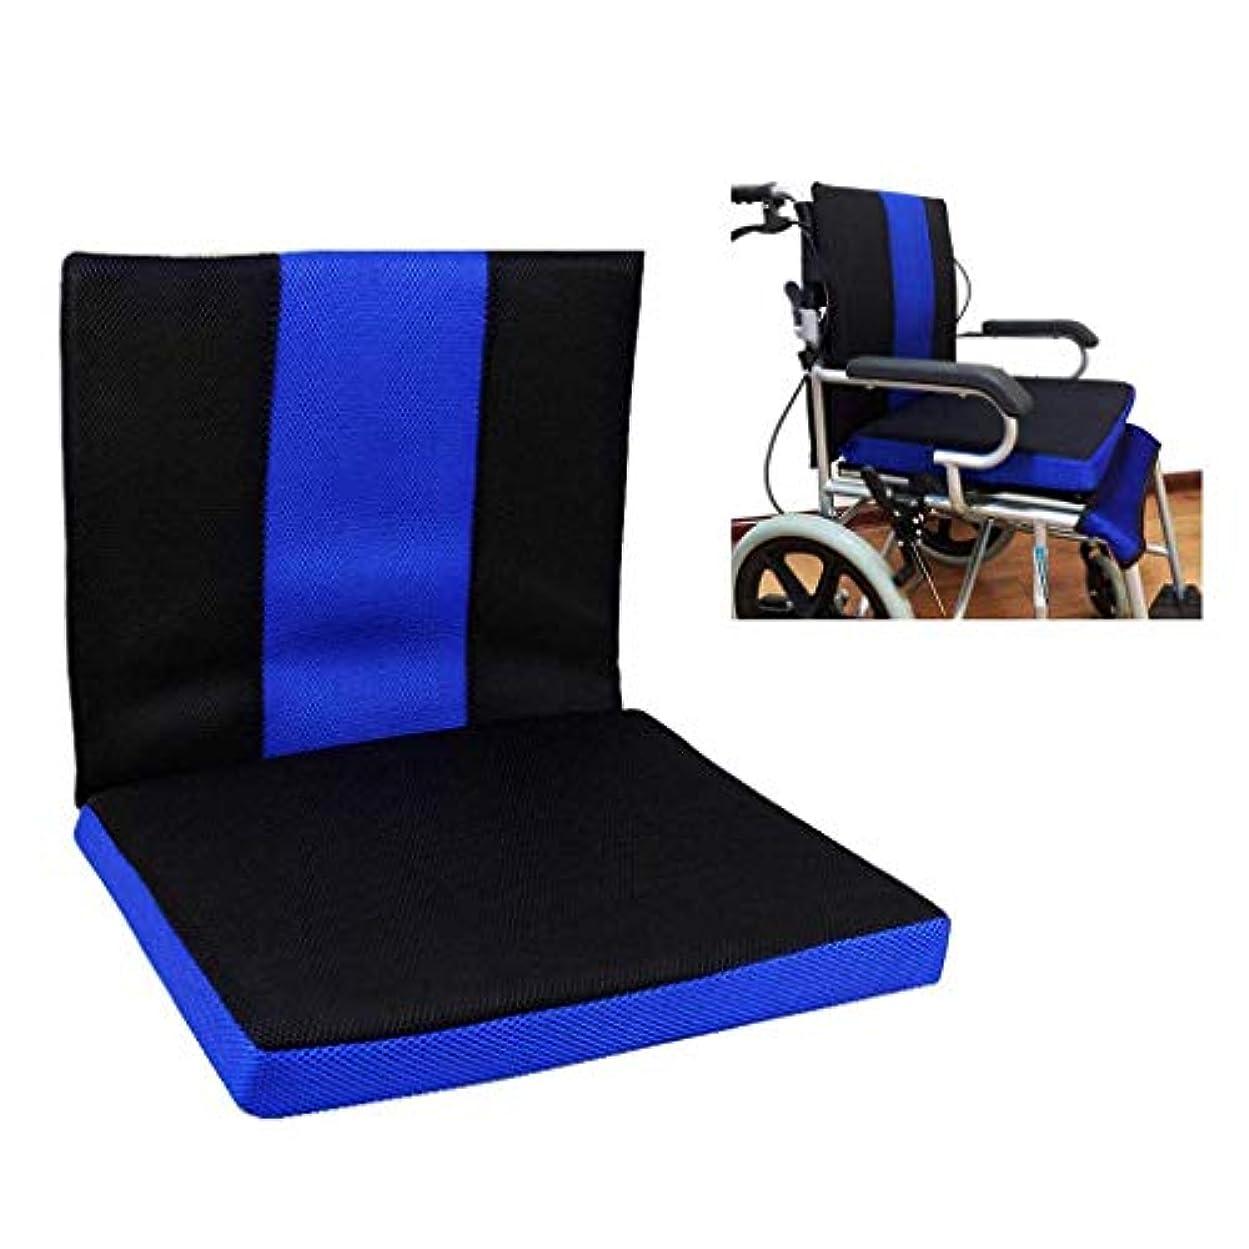 座標思慮のない硬い車椅子のクッション、アンチ褥瘡ハニカムクッション通気性の快適車椅子戻るオックスフォード布素材のクッション